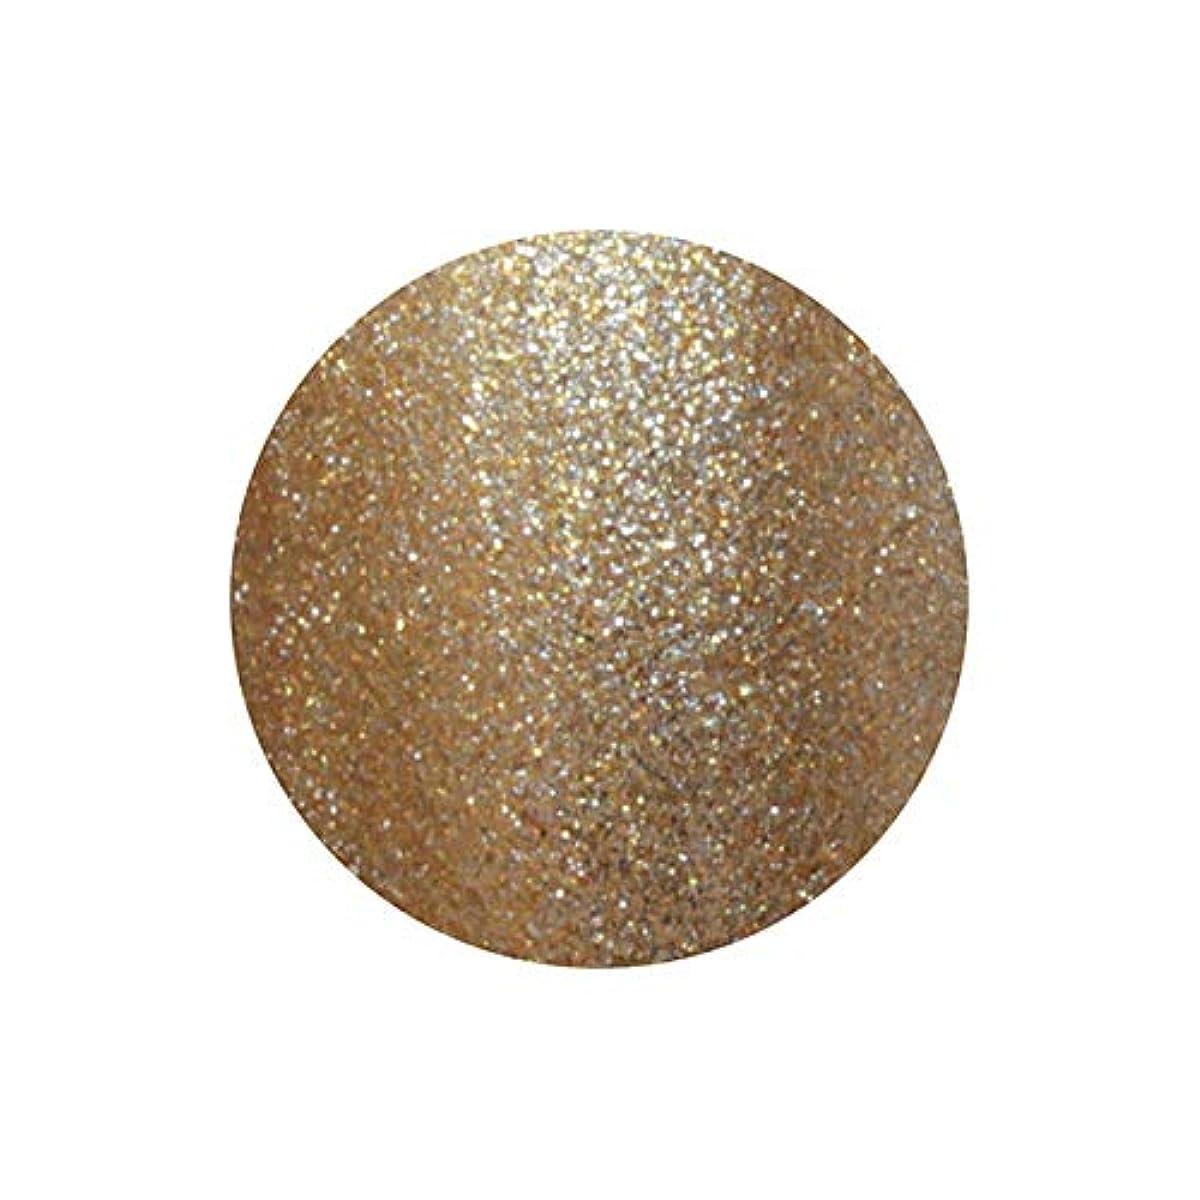 合唱団証拠切断する【NEW】T-GEL COLLECTION TINY T001 ゴールド 8ml